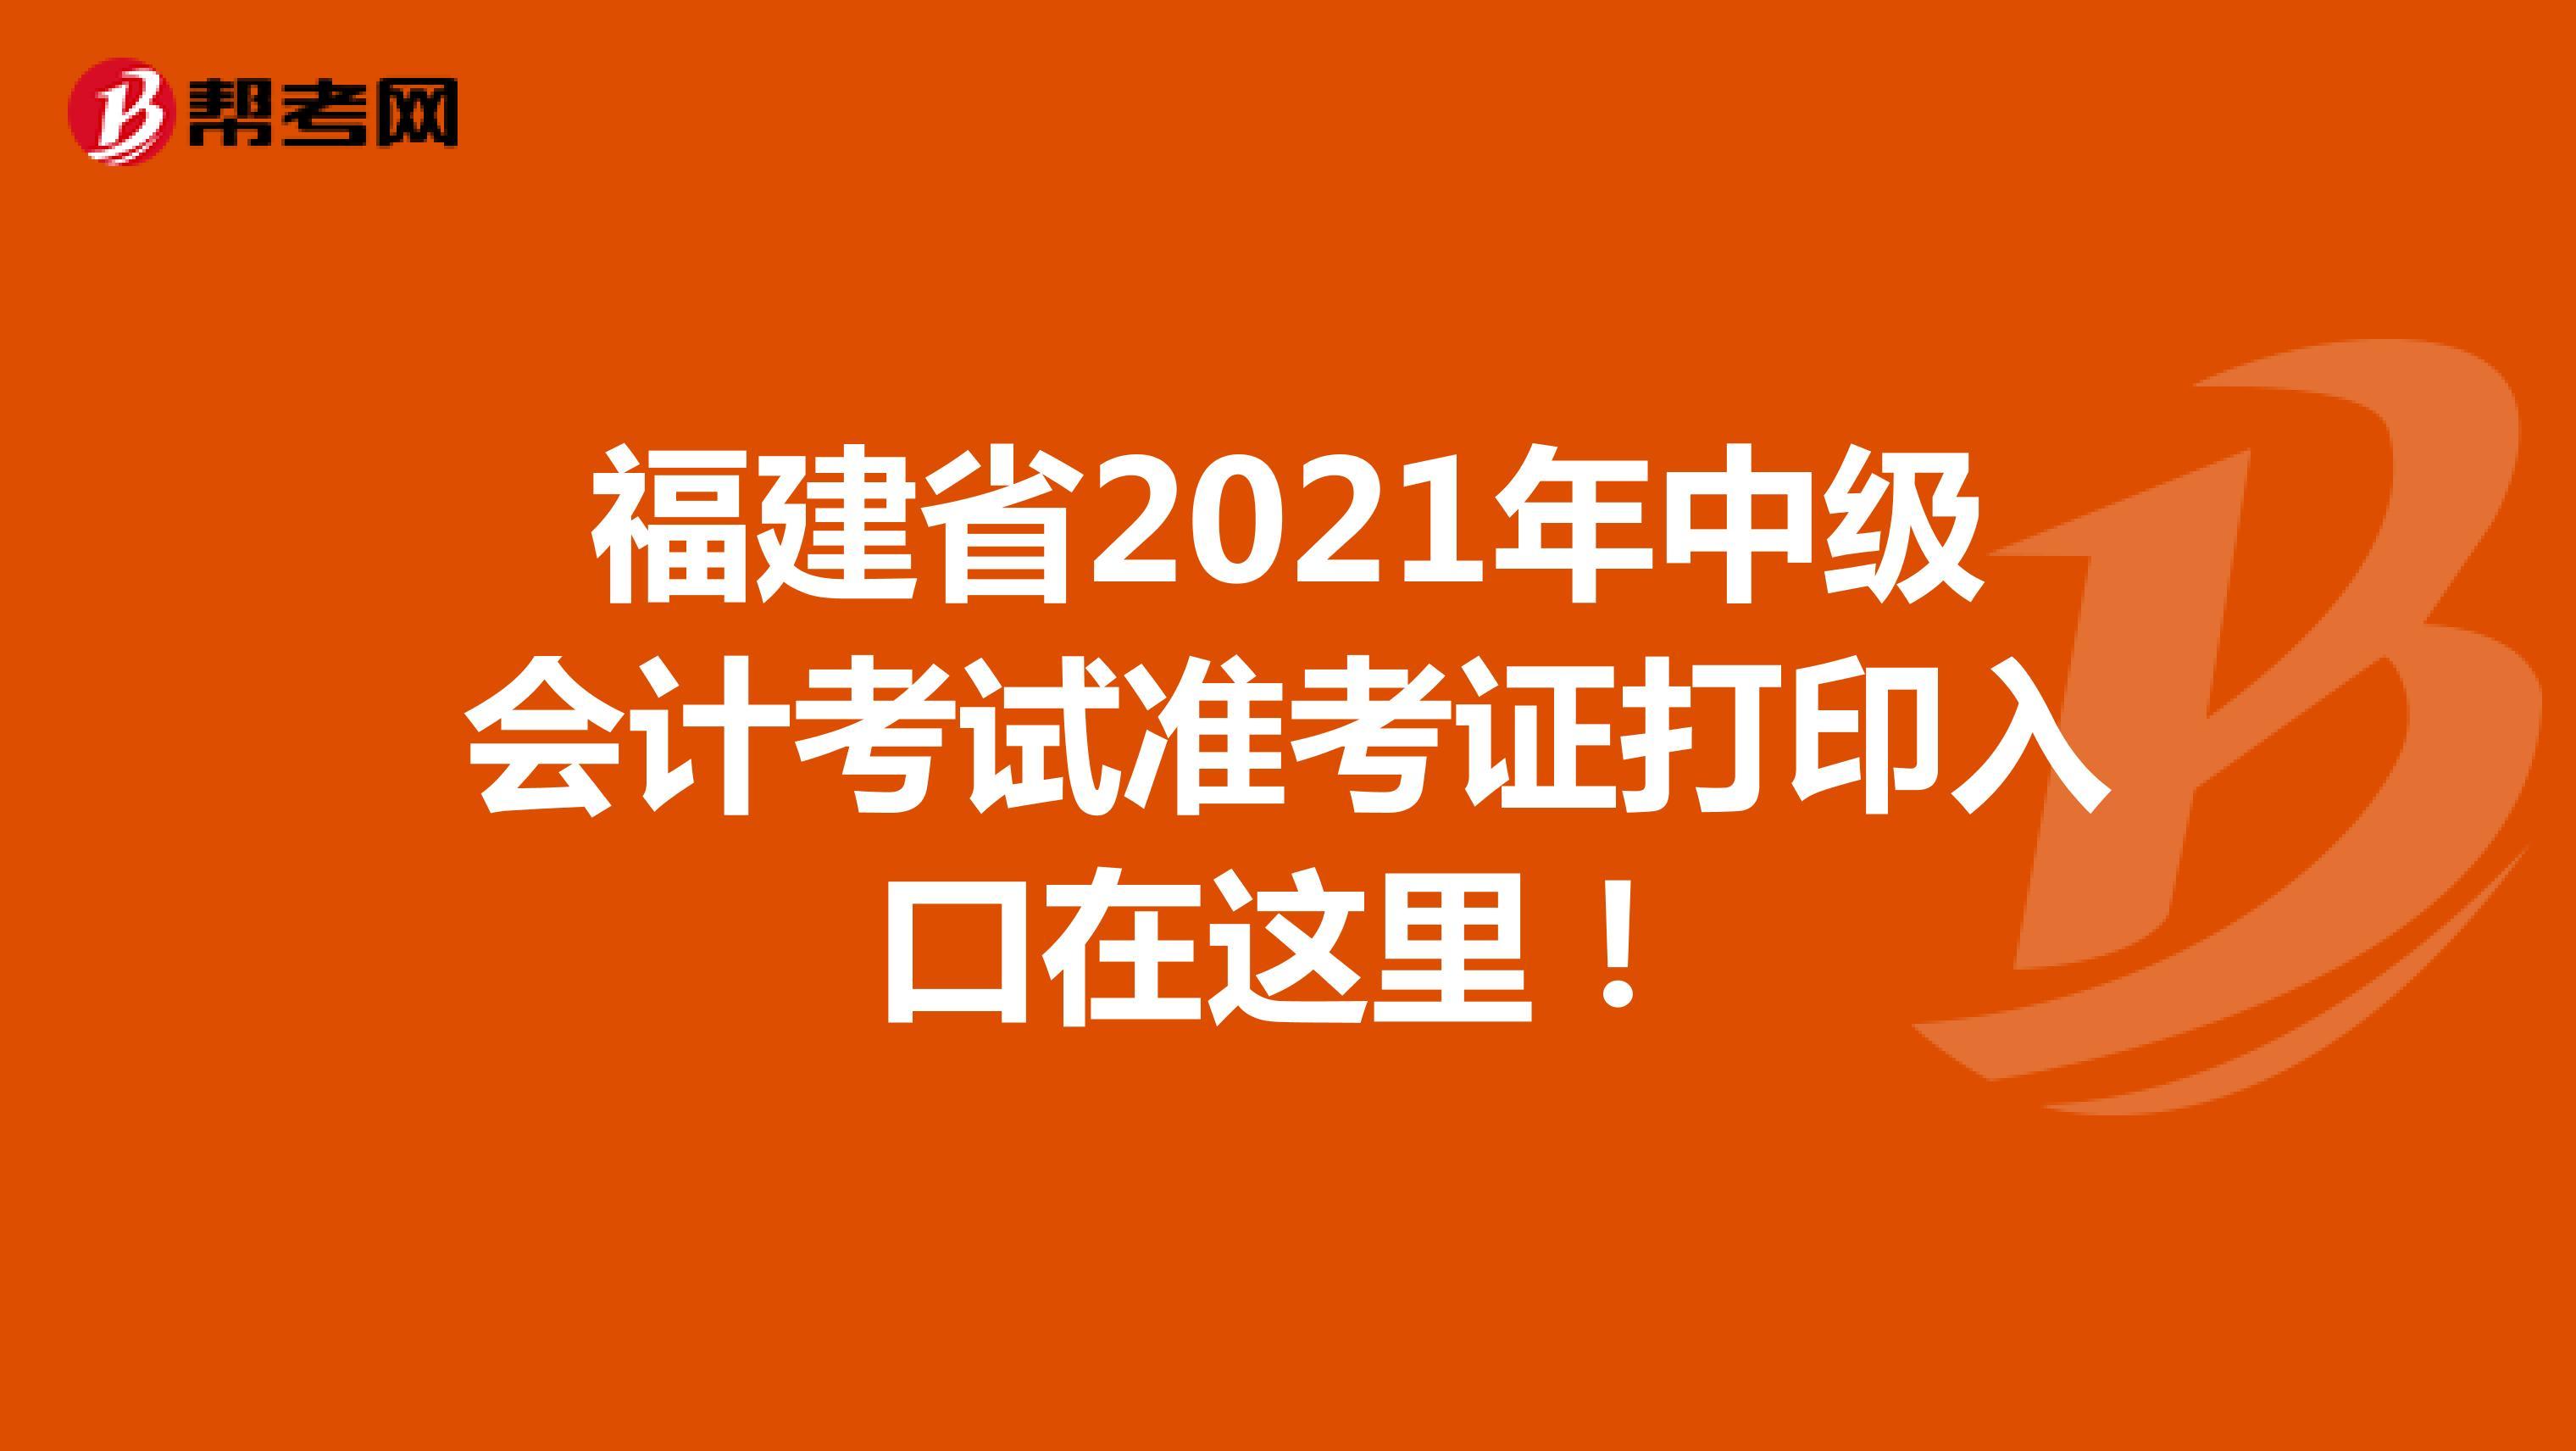 福建省2021年中级会计考试准考证打印入口在这里!